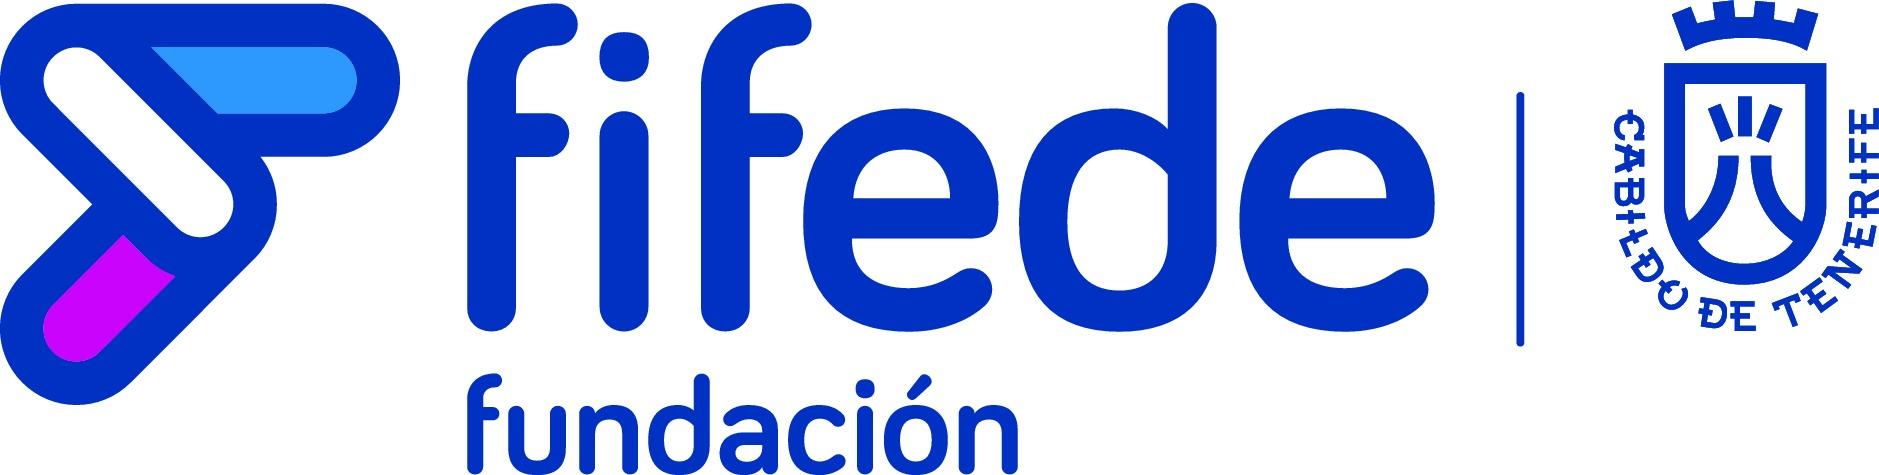 Fundación C. Insular para la Formación, el Empleo y el Desarrollo Empresarial